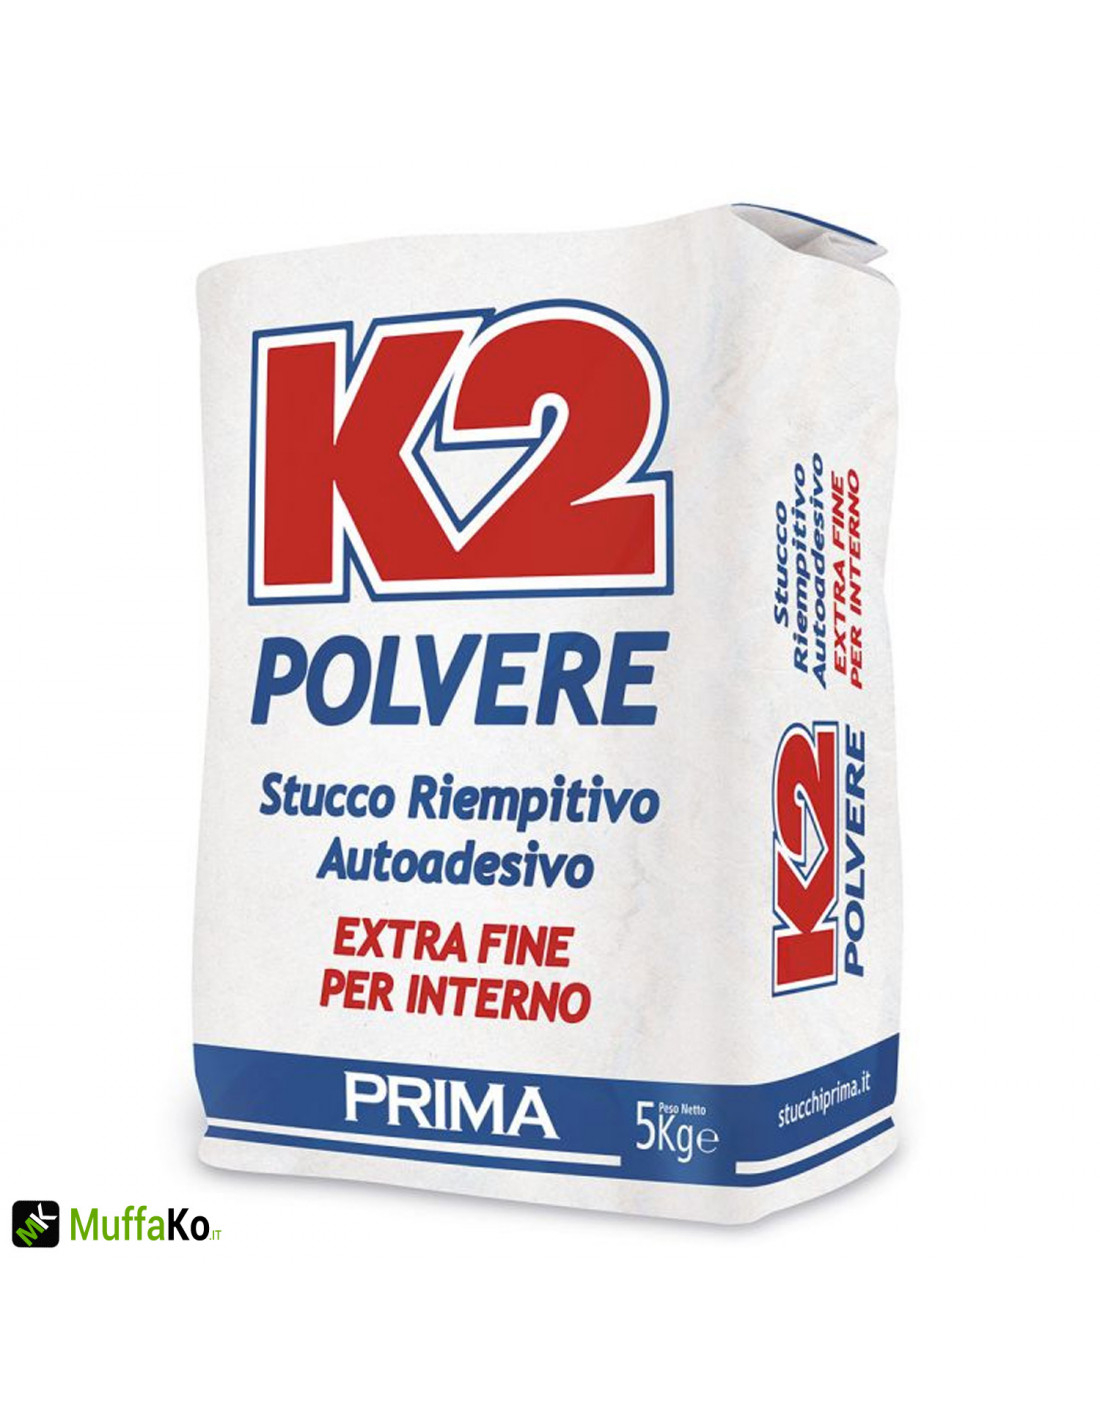 STUCCO IN POLVERE K2  KG 1